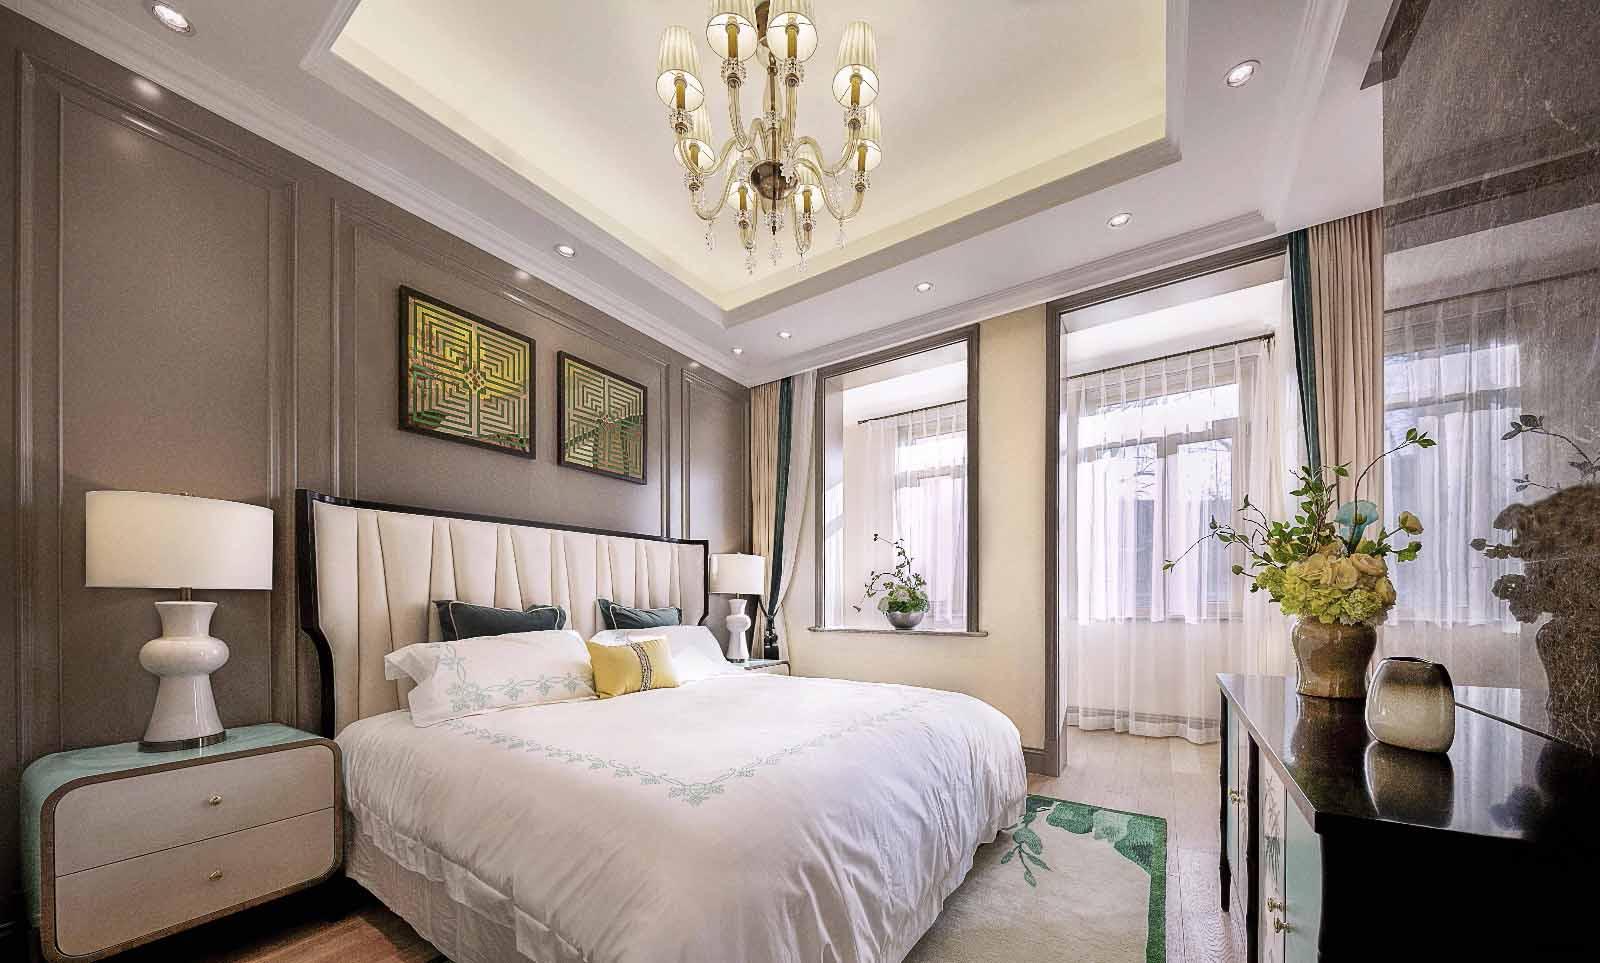 日照青岛装修设计  联排别墅美式装修风格 青岛装修设计公司